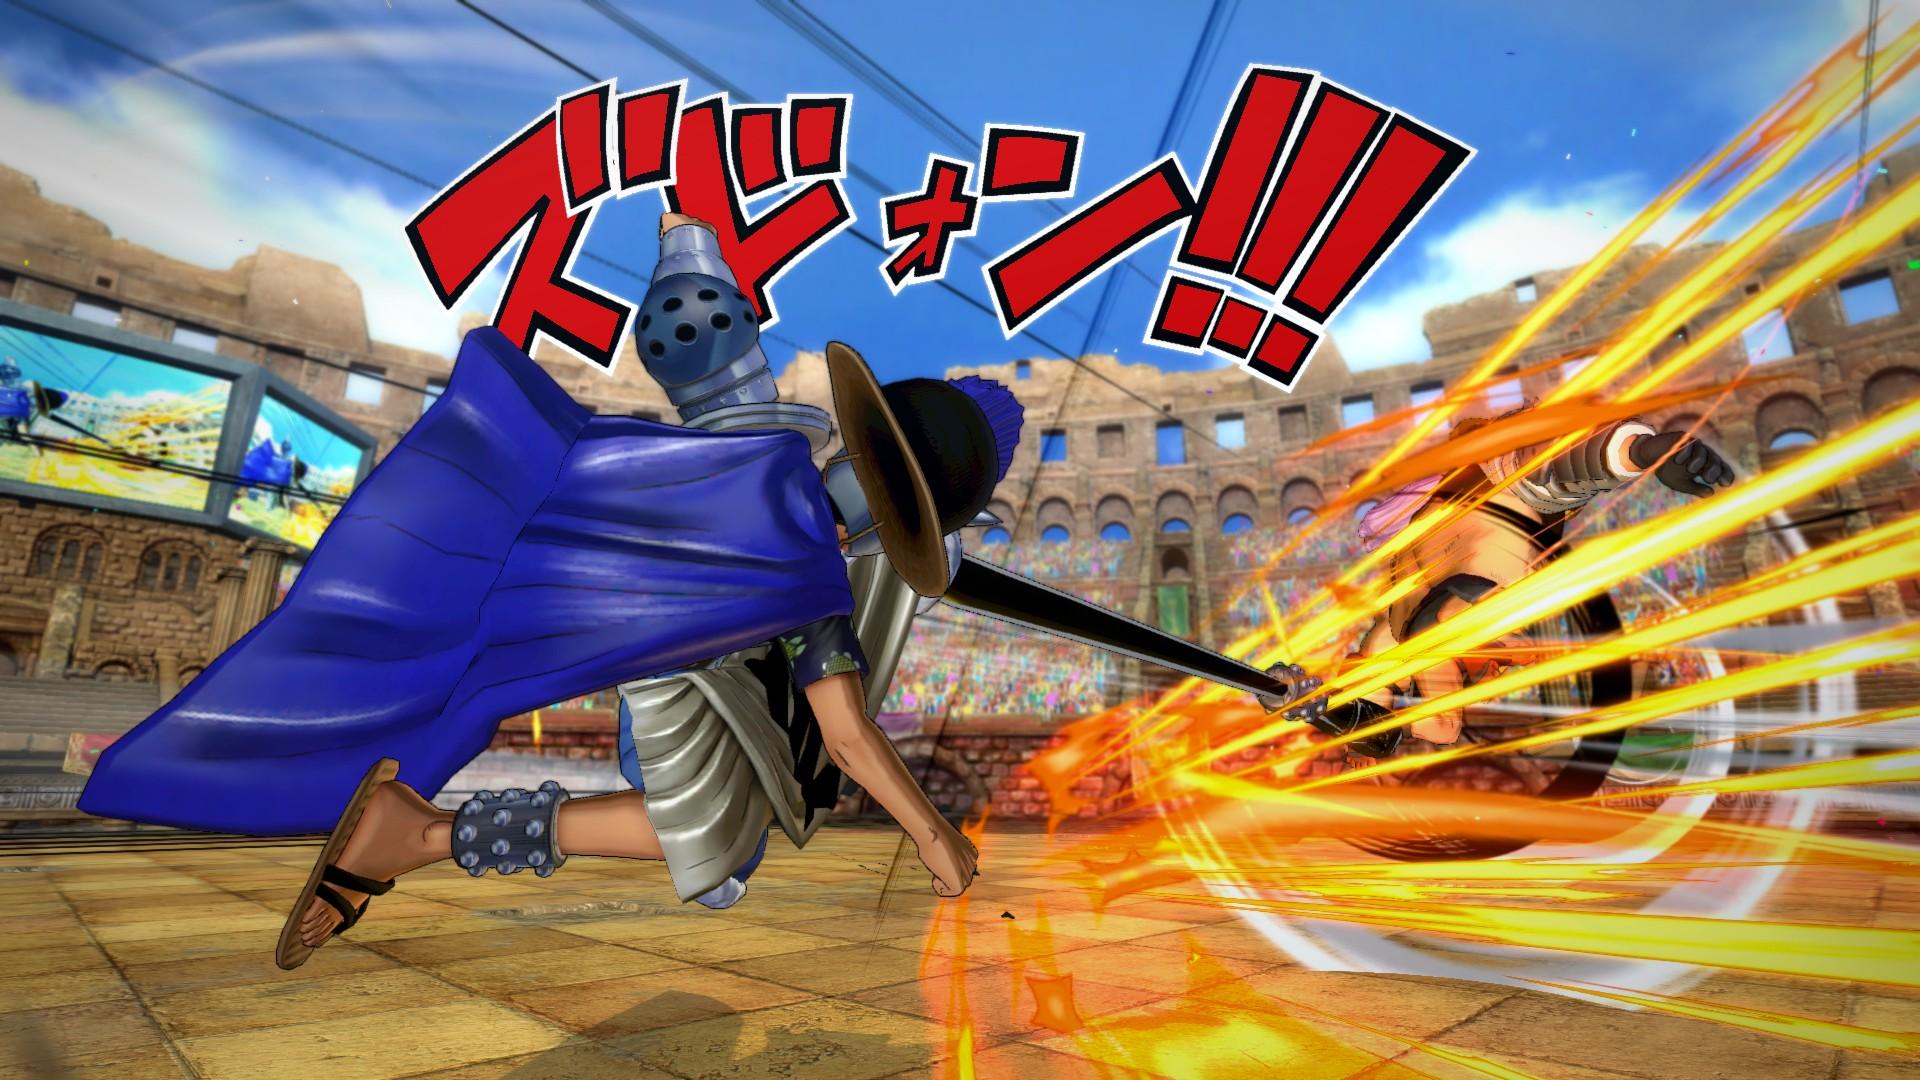 Bonusy za předobjednávku digitálních kopií One Piece: Burning Blood 122810